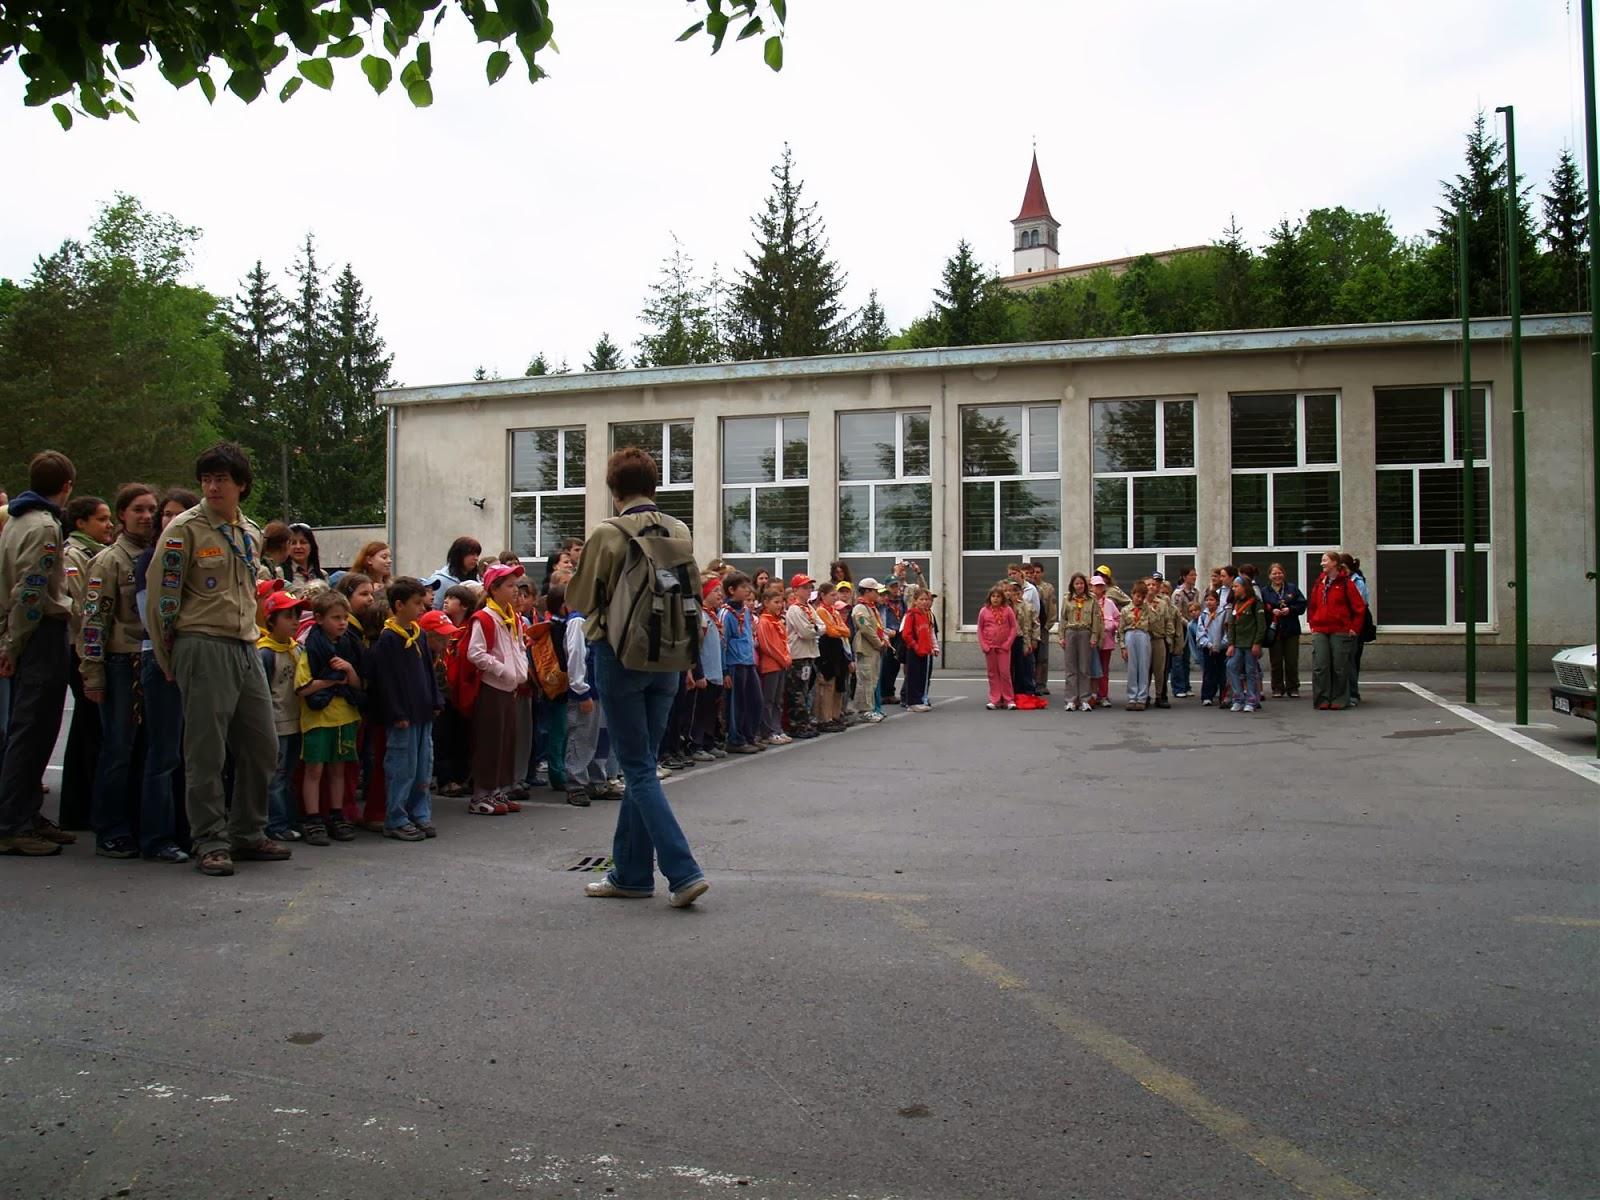 Področni mnogoboj MČ, Ilirska Bistrica 2006 - P0213542.JPG